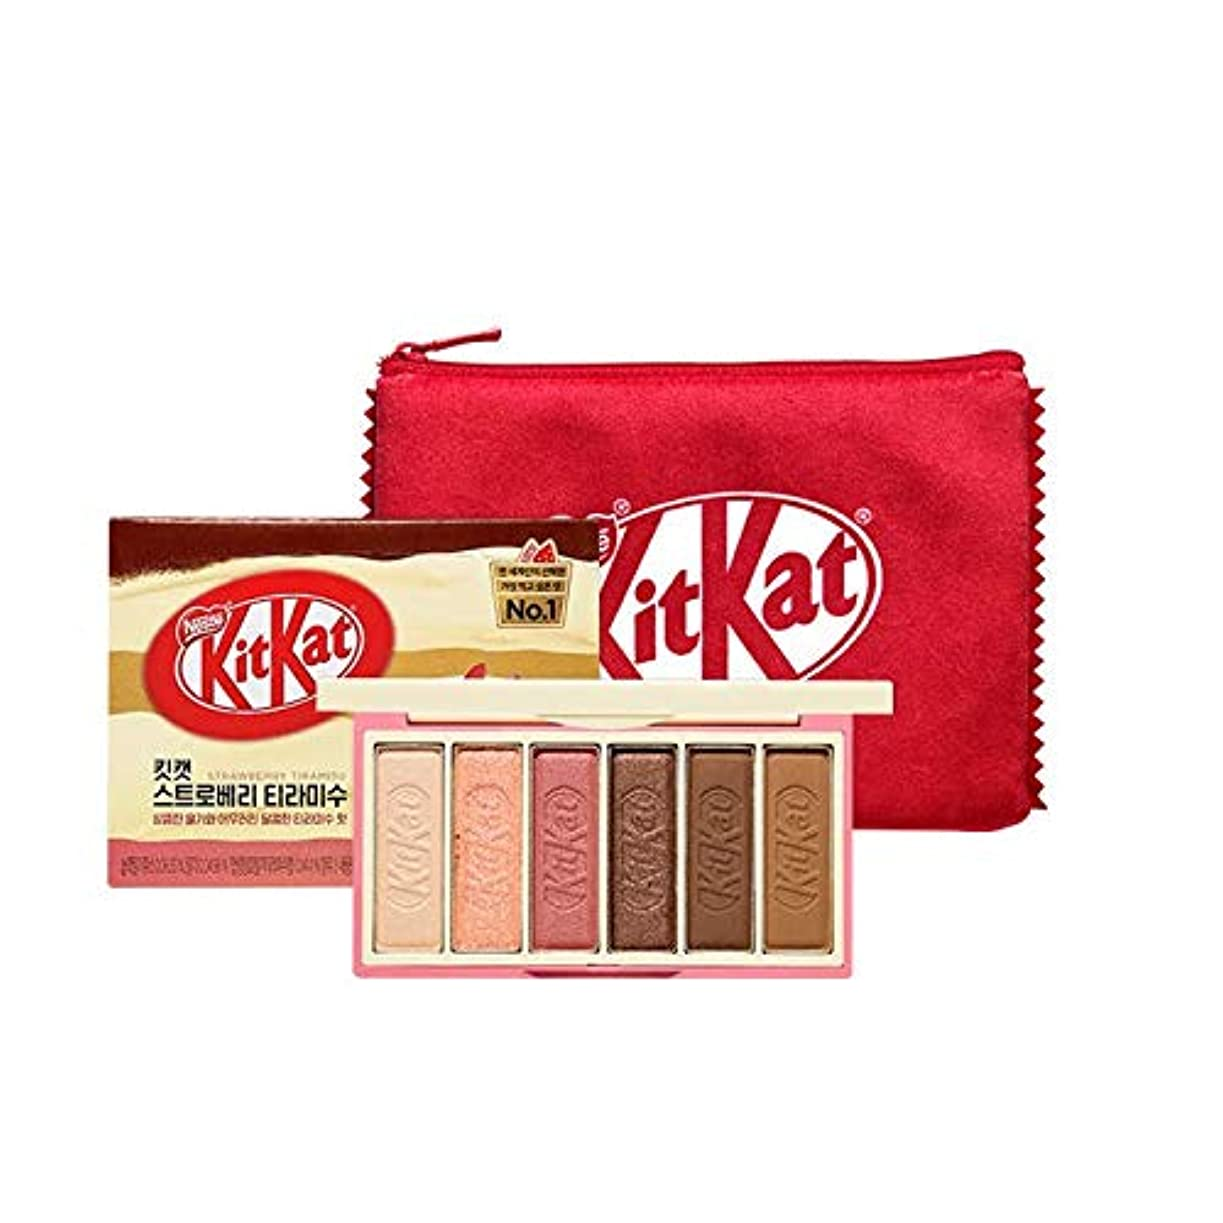 禁止皮肉なウルルエチュードハウス キットカット プレイカラー アイズ ミニ キット 1*6g / ETUDE HOUSE KitKat Play Color Eyes Mini Kit #2 KitKat Strawberry Tiramisu...